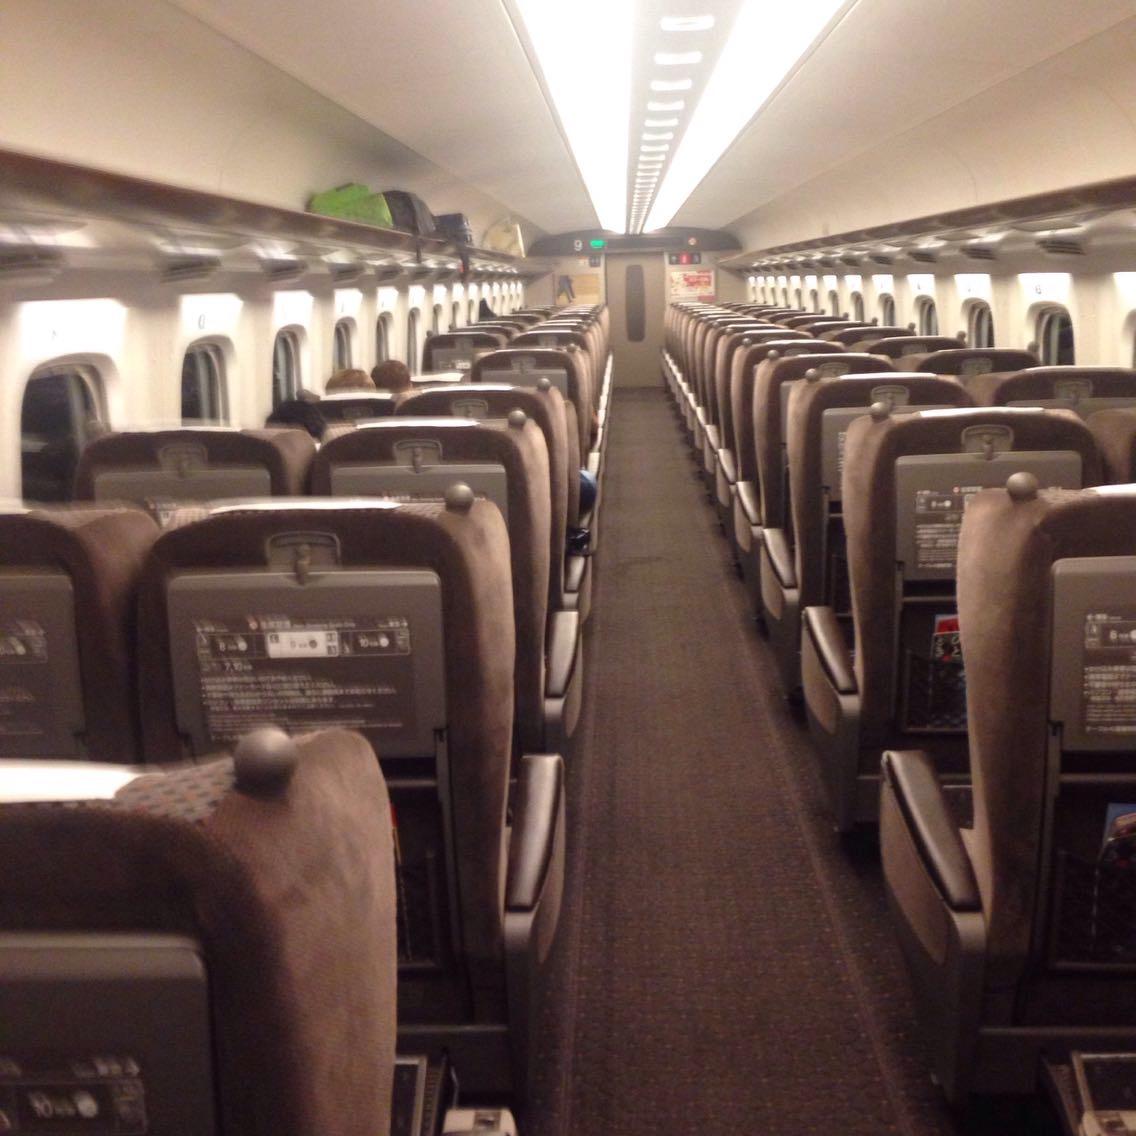 【新幹線】エクスプレス予約の「グリーン特典」ポイントで、人生はじめてのグリーン車に乗車!